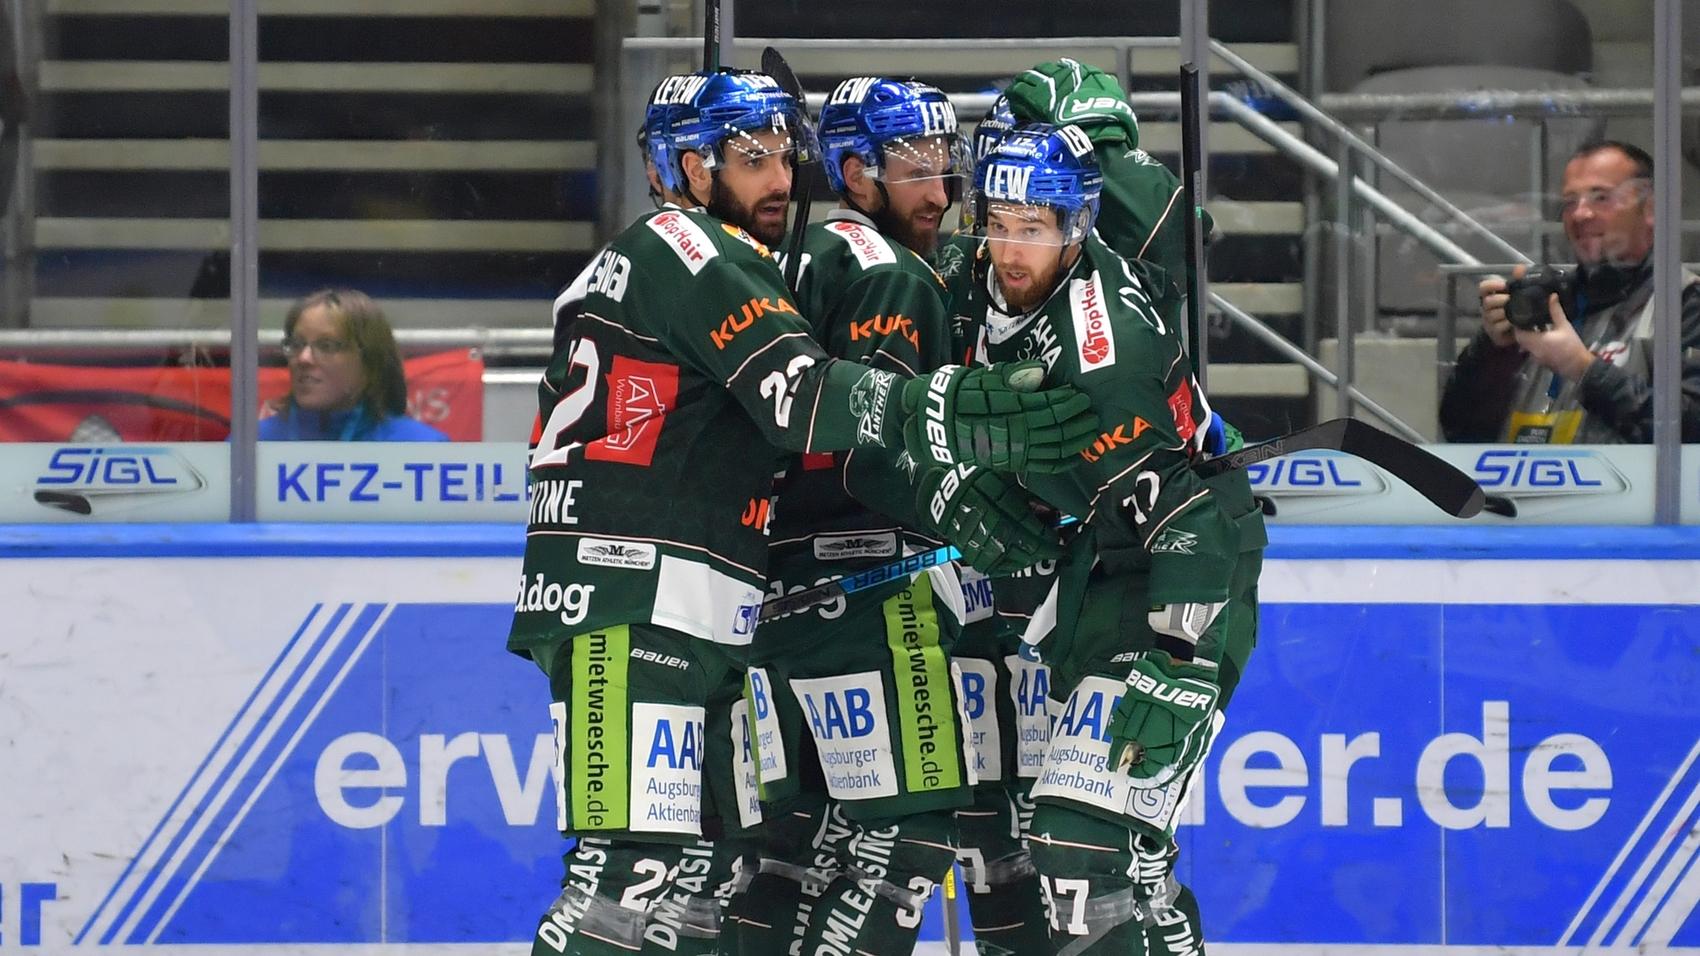 Erster Heimsieg! AEV schlägt Wolfsburg deutlich